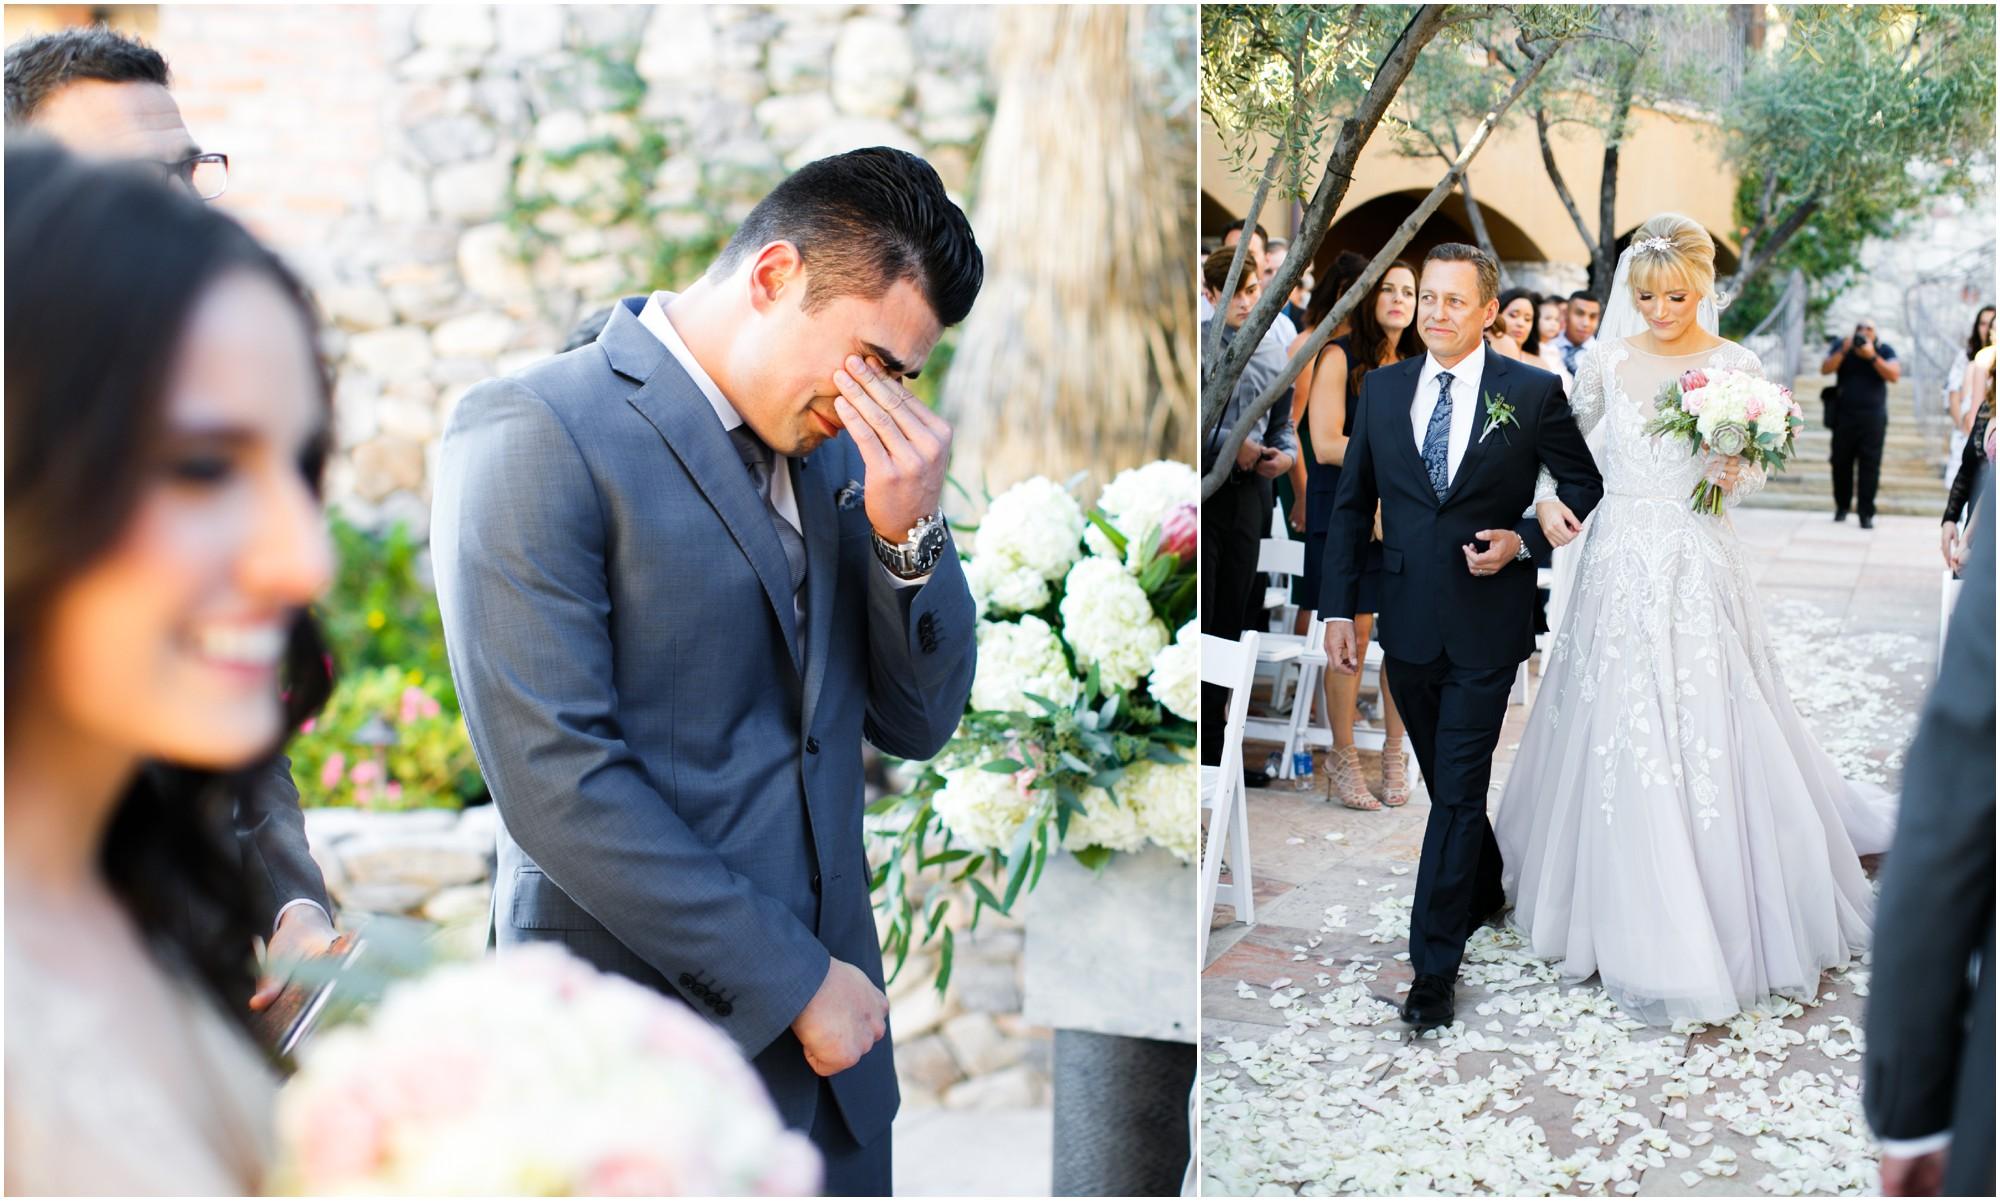 Groom sees his bride walk down aisle